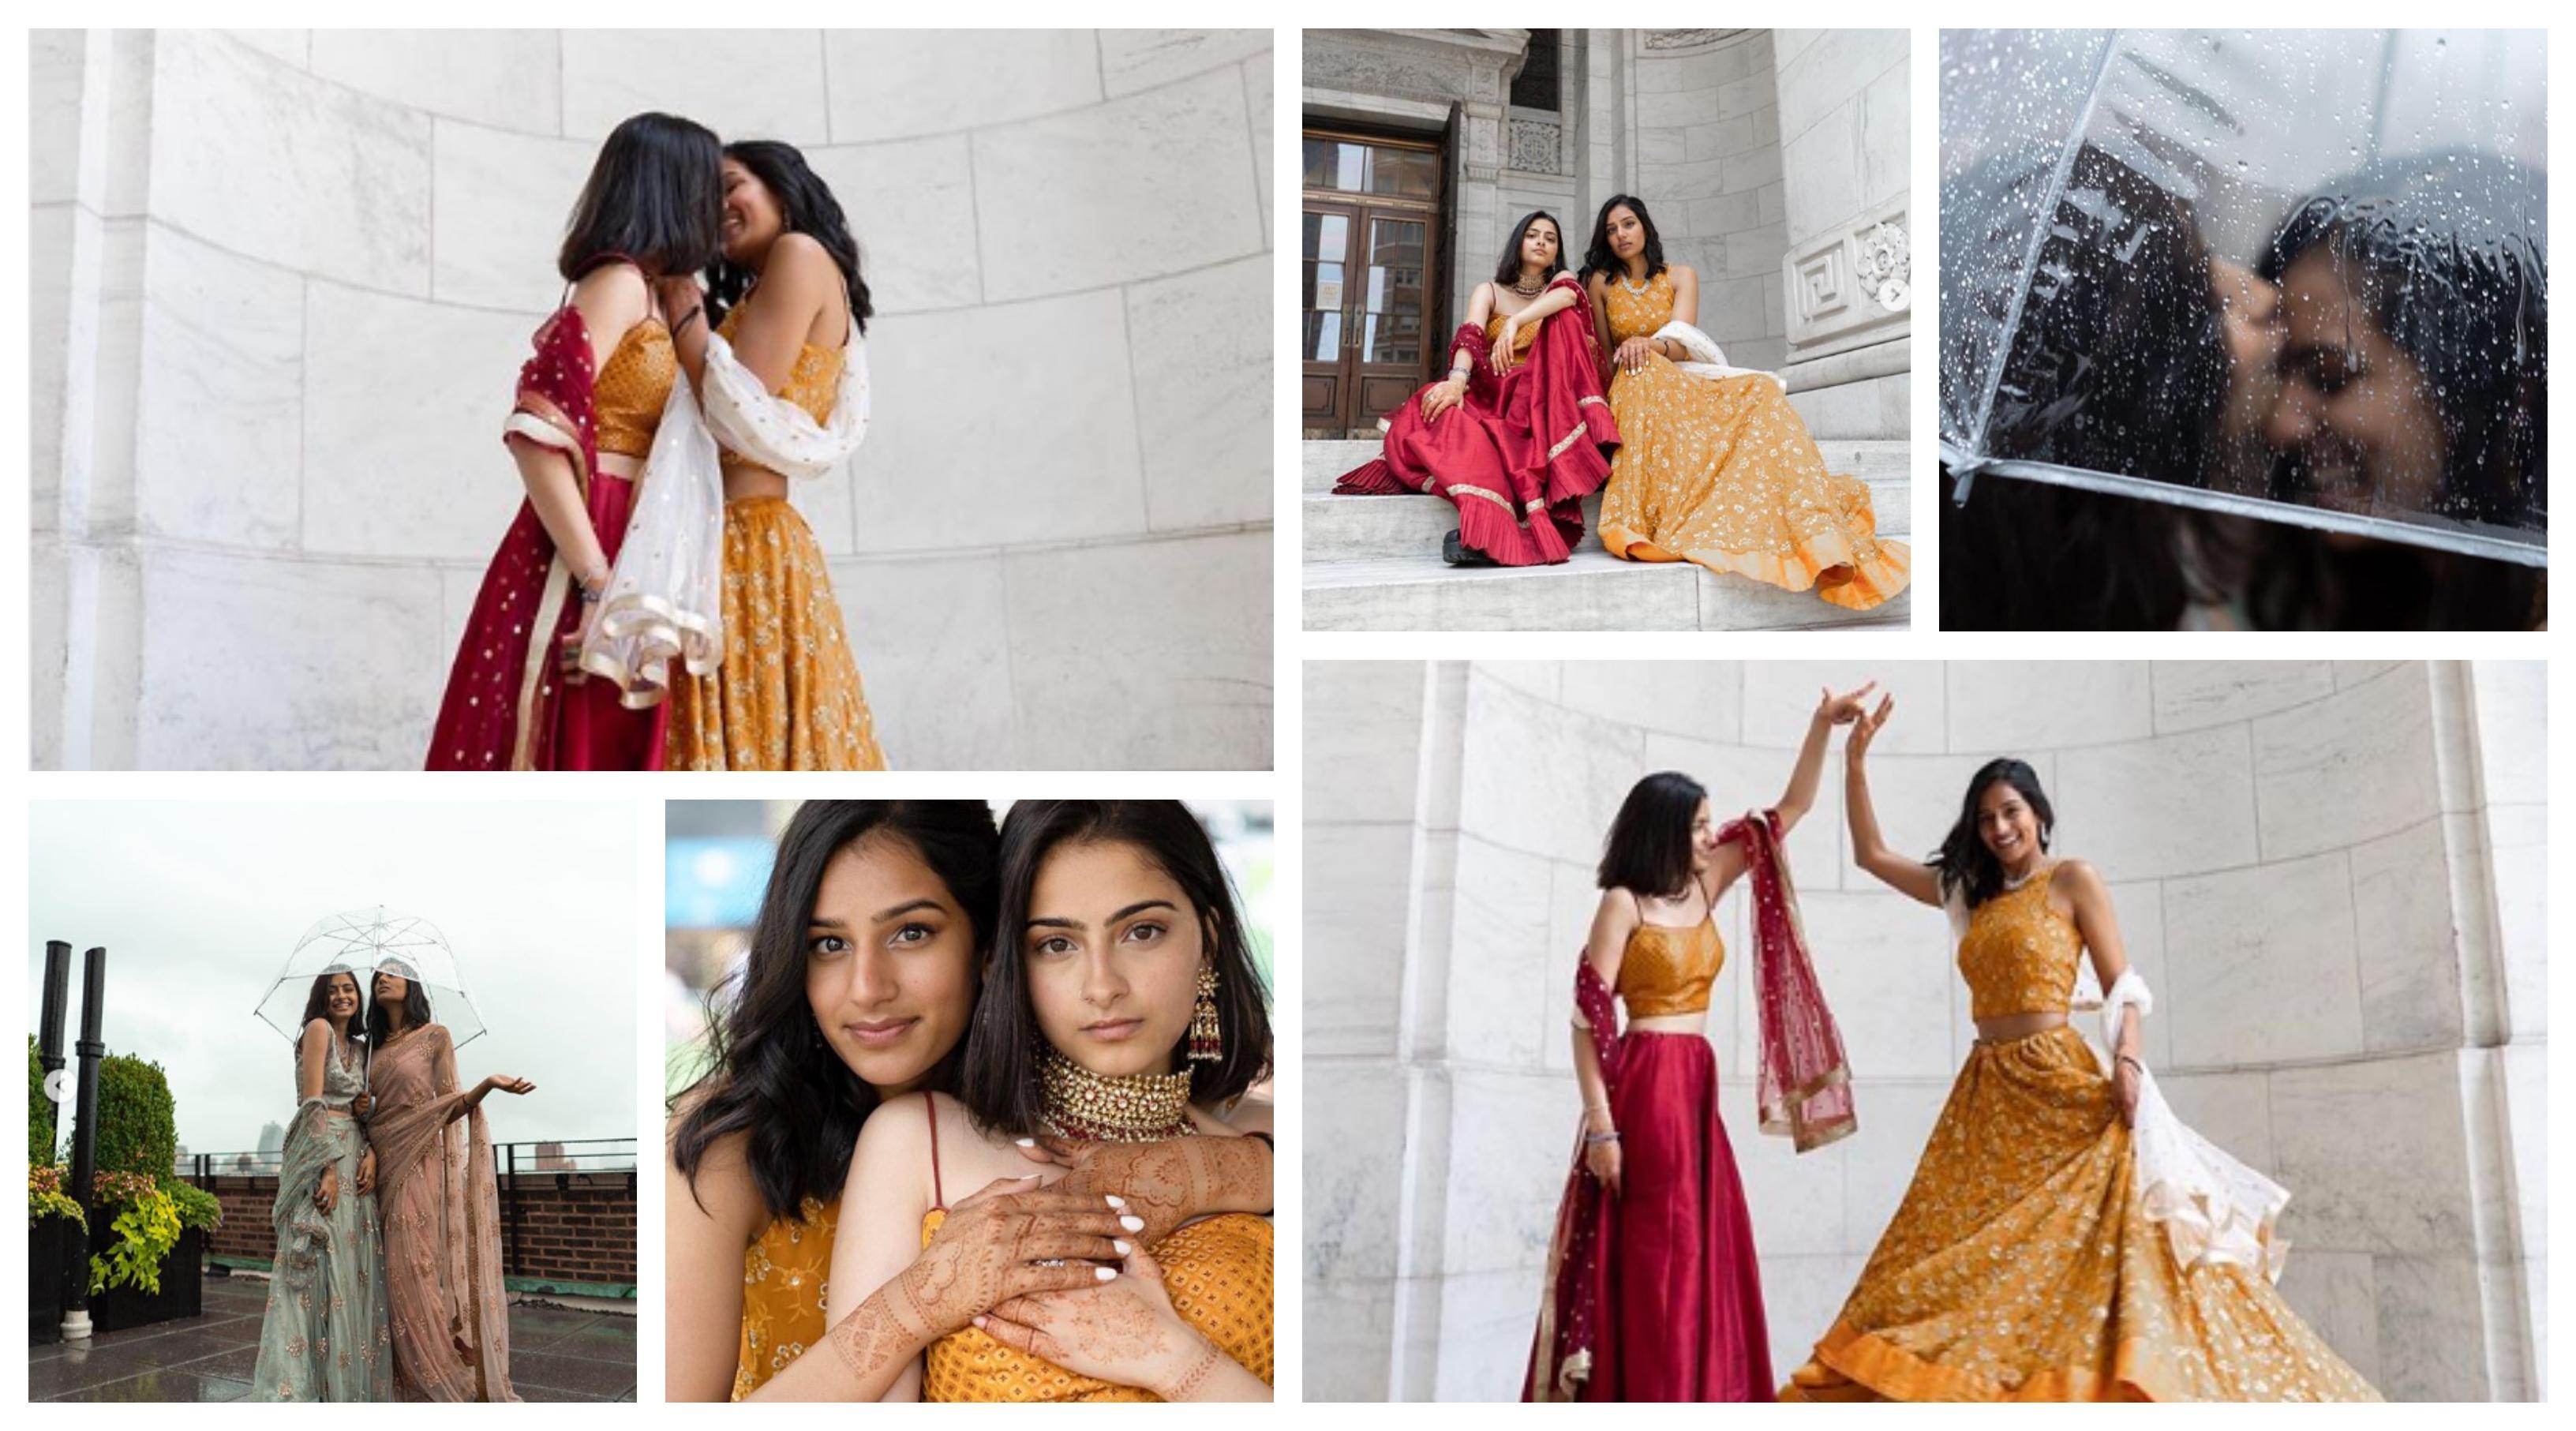 Sundas and Anjali same sex relationship